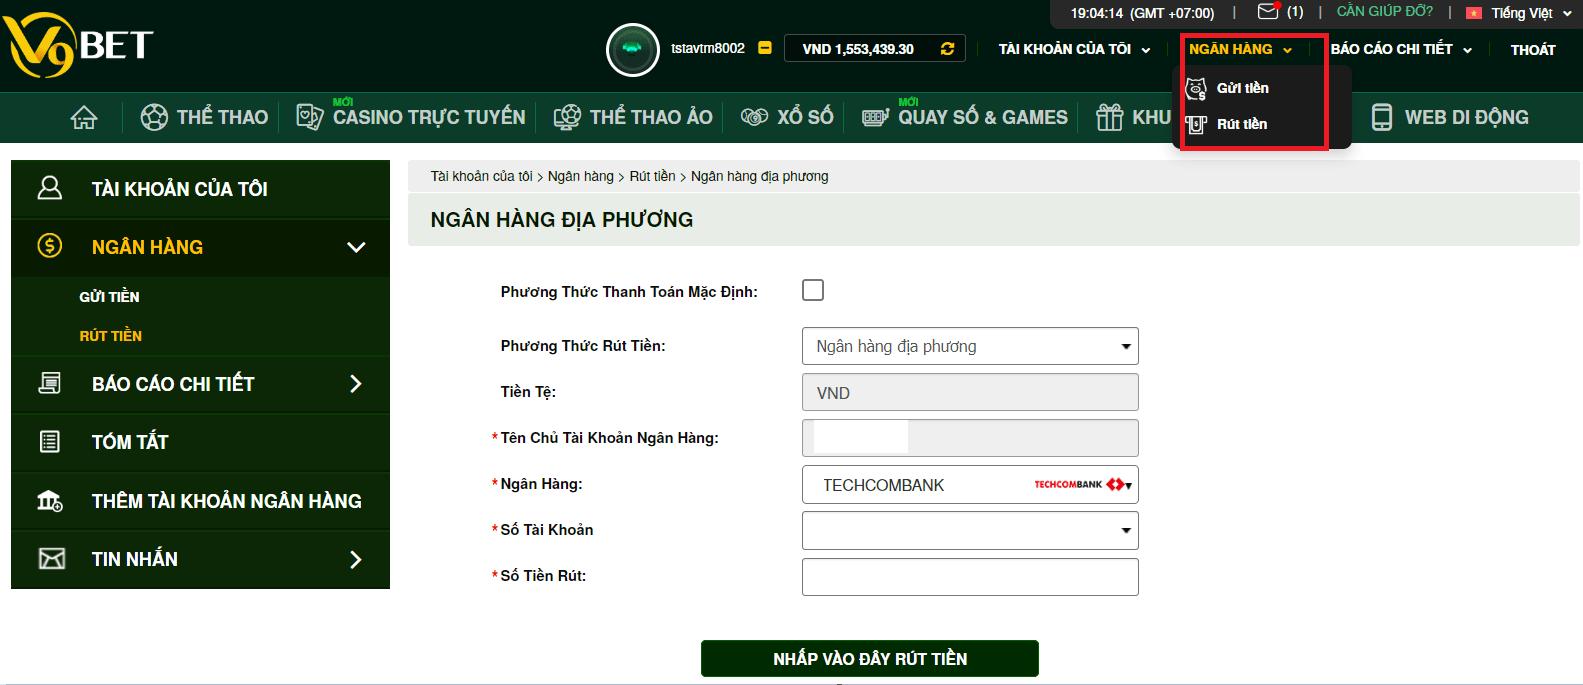 Tại sao tôi không thể rút tiền thắng về tài khoản ngân hàng từ V9bet?